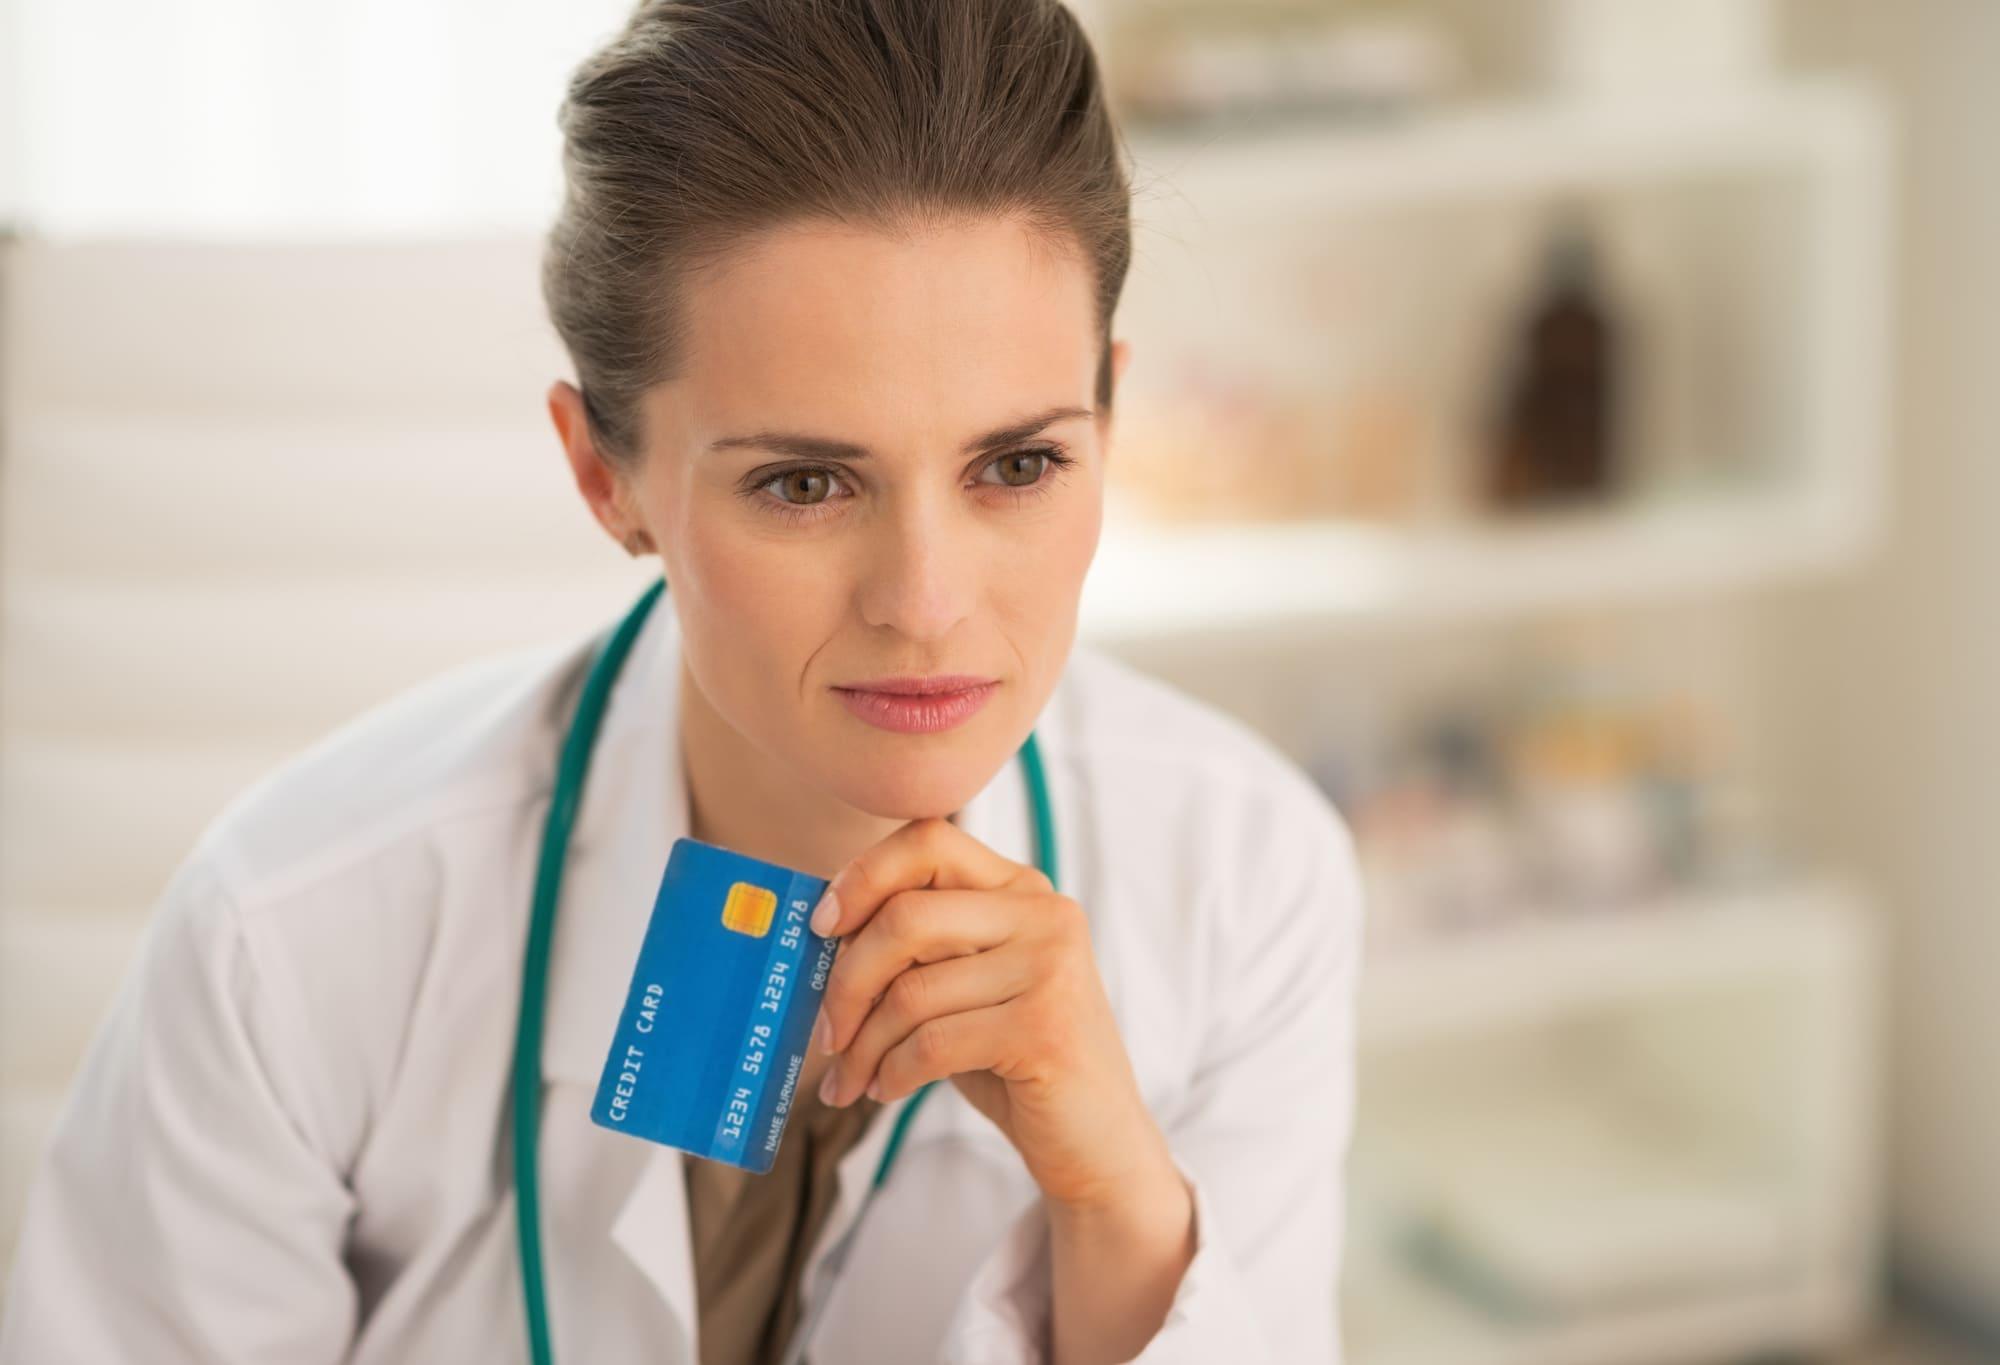 医療法人がクレジットカードを作るときのポイントは?メリット・デメリットとおすすめカード4選も解説